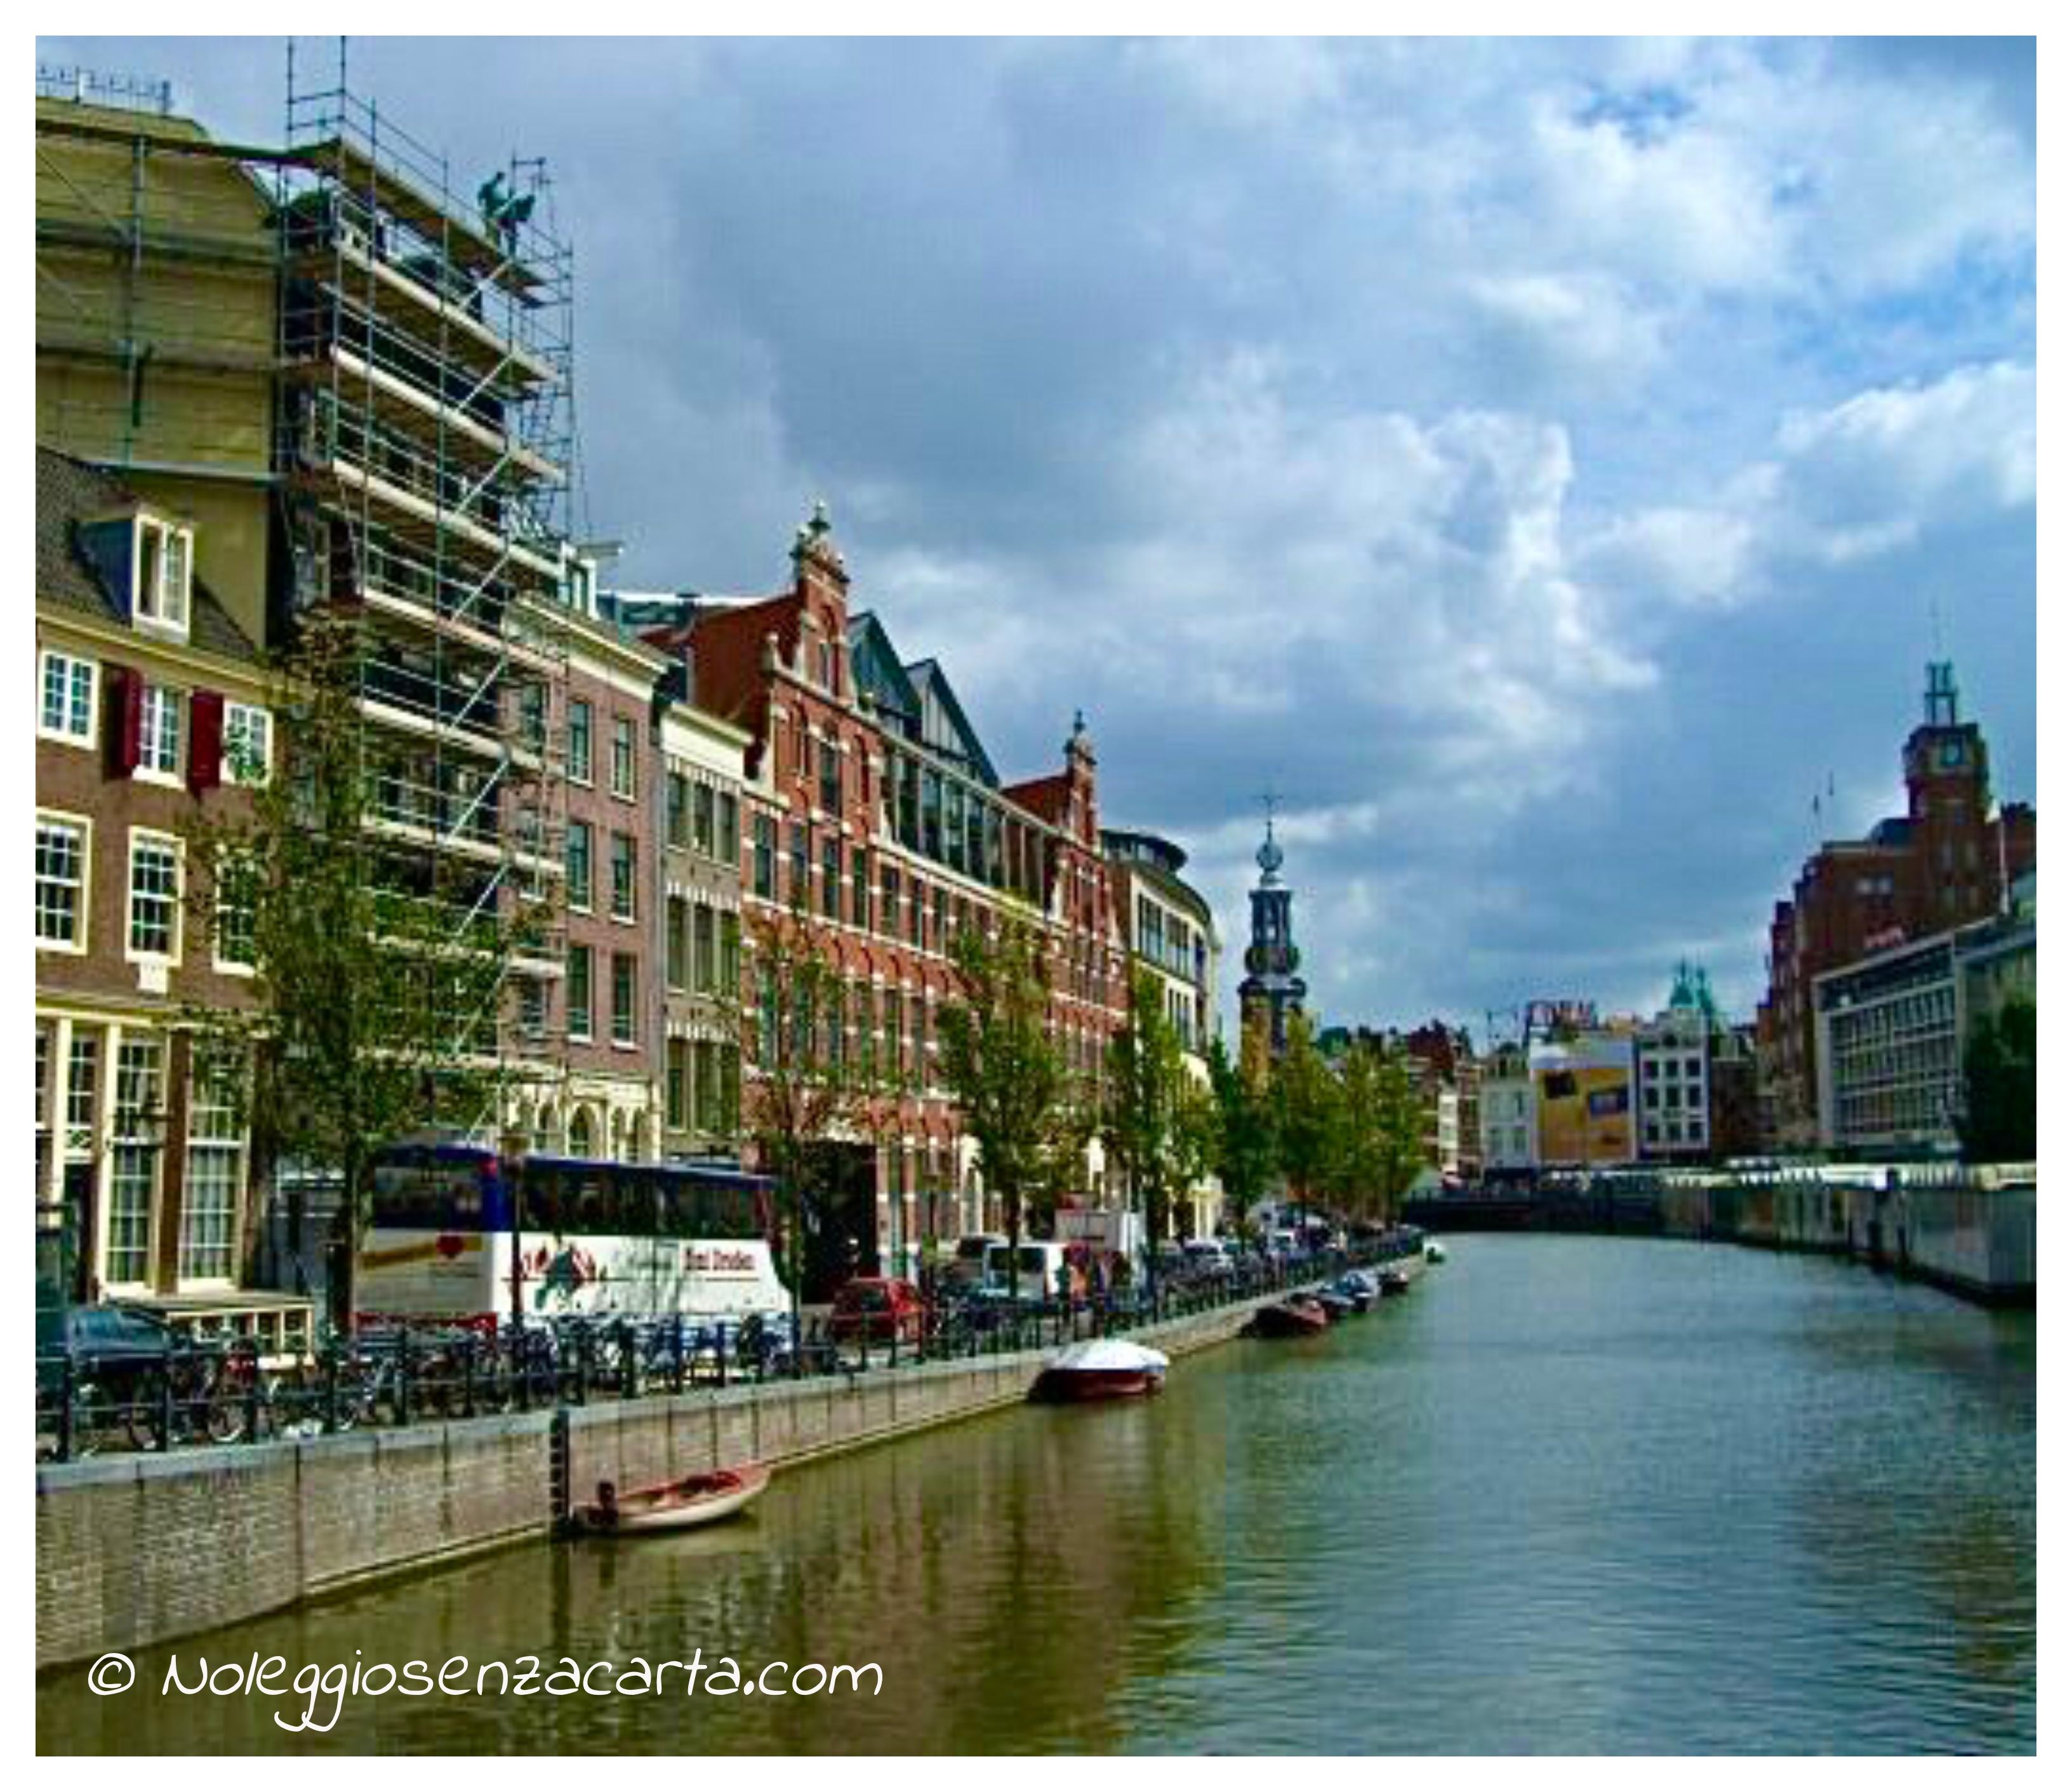 Noleggiare auto senza carta di credito ad Amsterdam